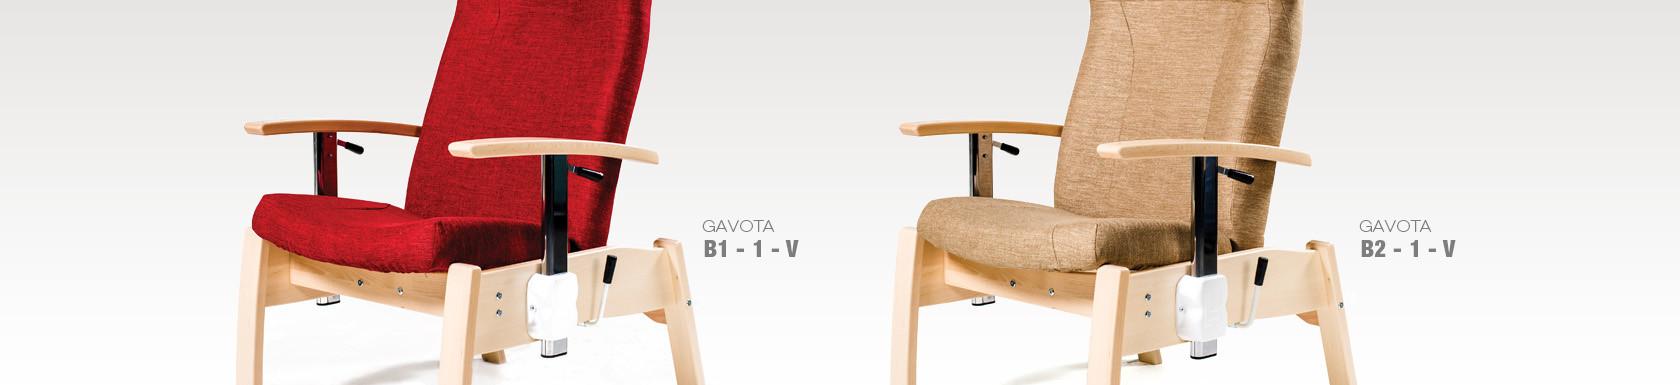 GAVOTA B - NASTAVITEĽNÉ PODRUČKY